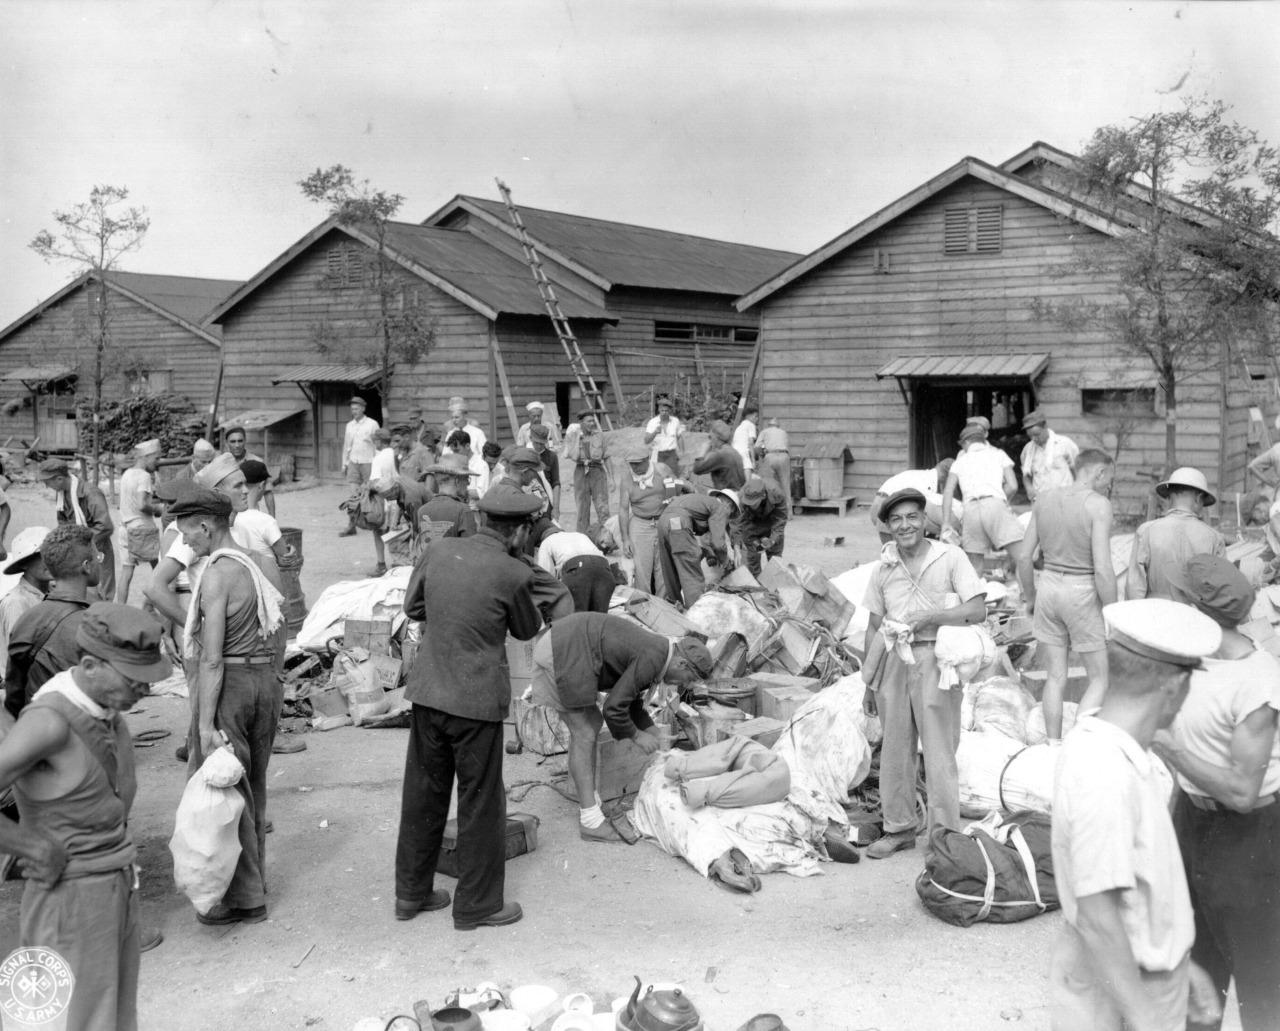 米軍機が投下した支援物資が、大森捕虜収容所内の広場に集められる